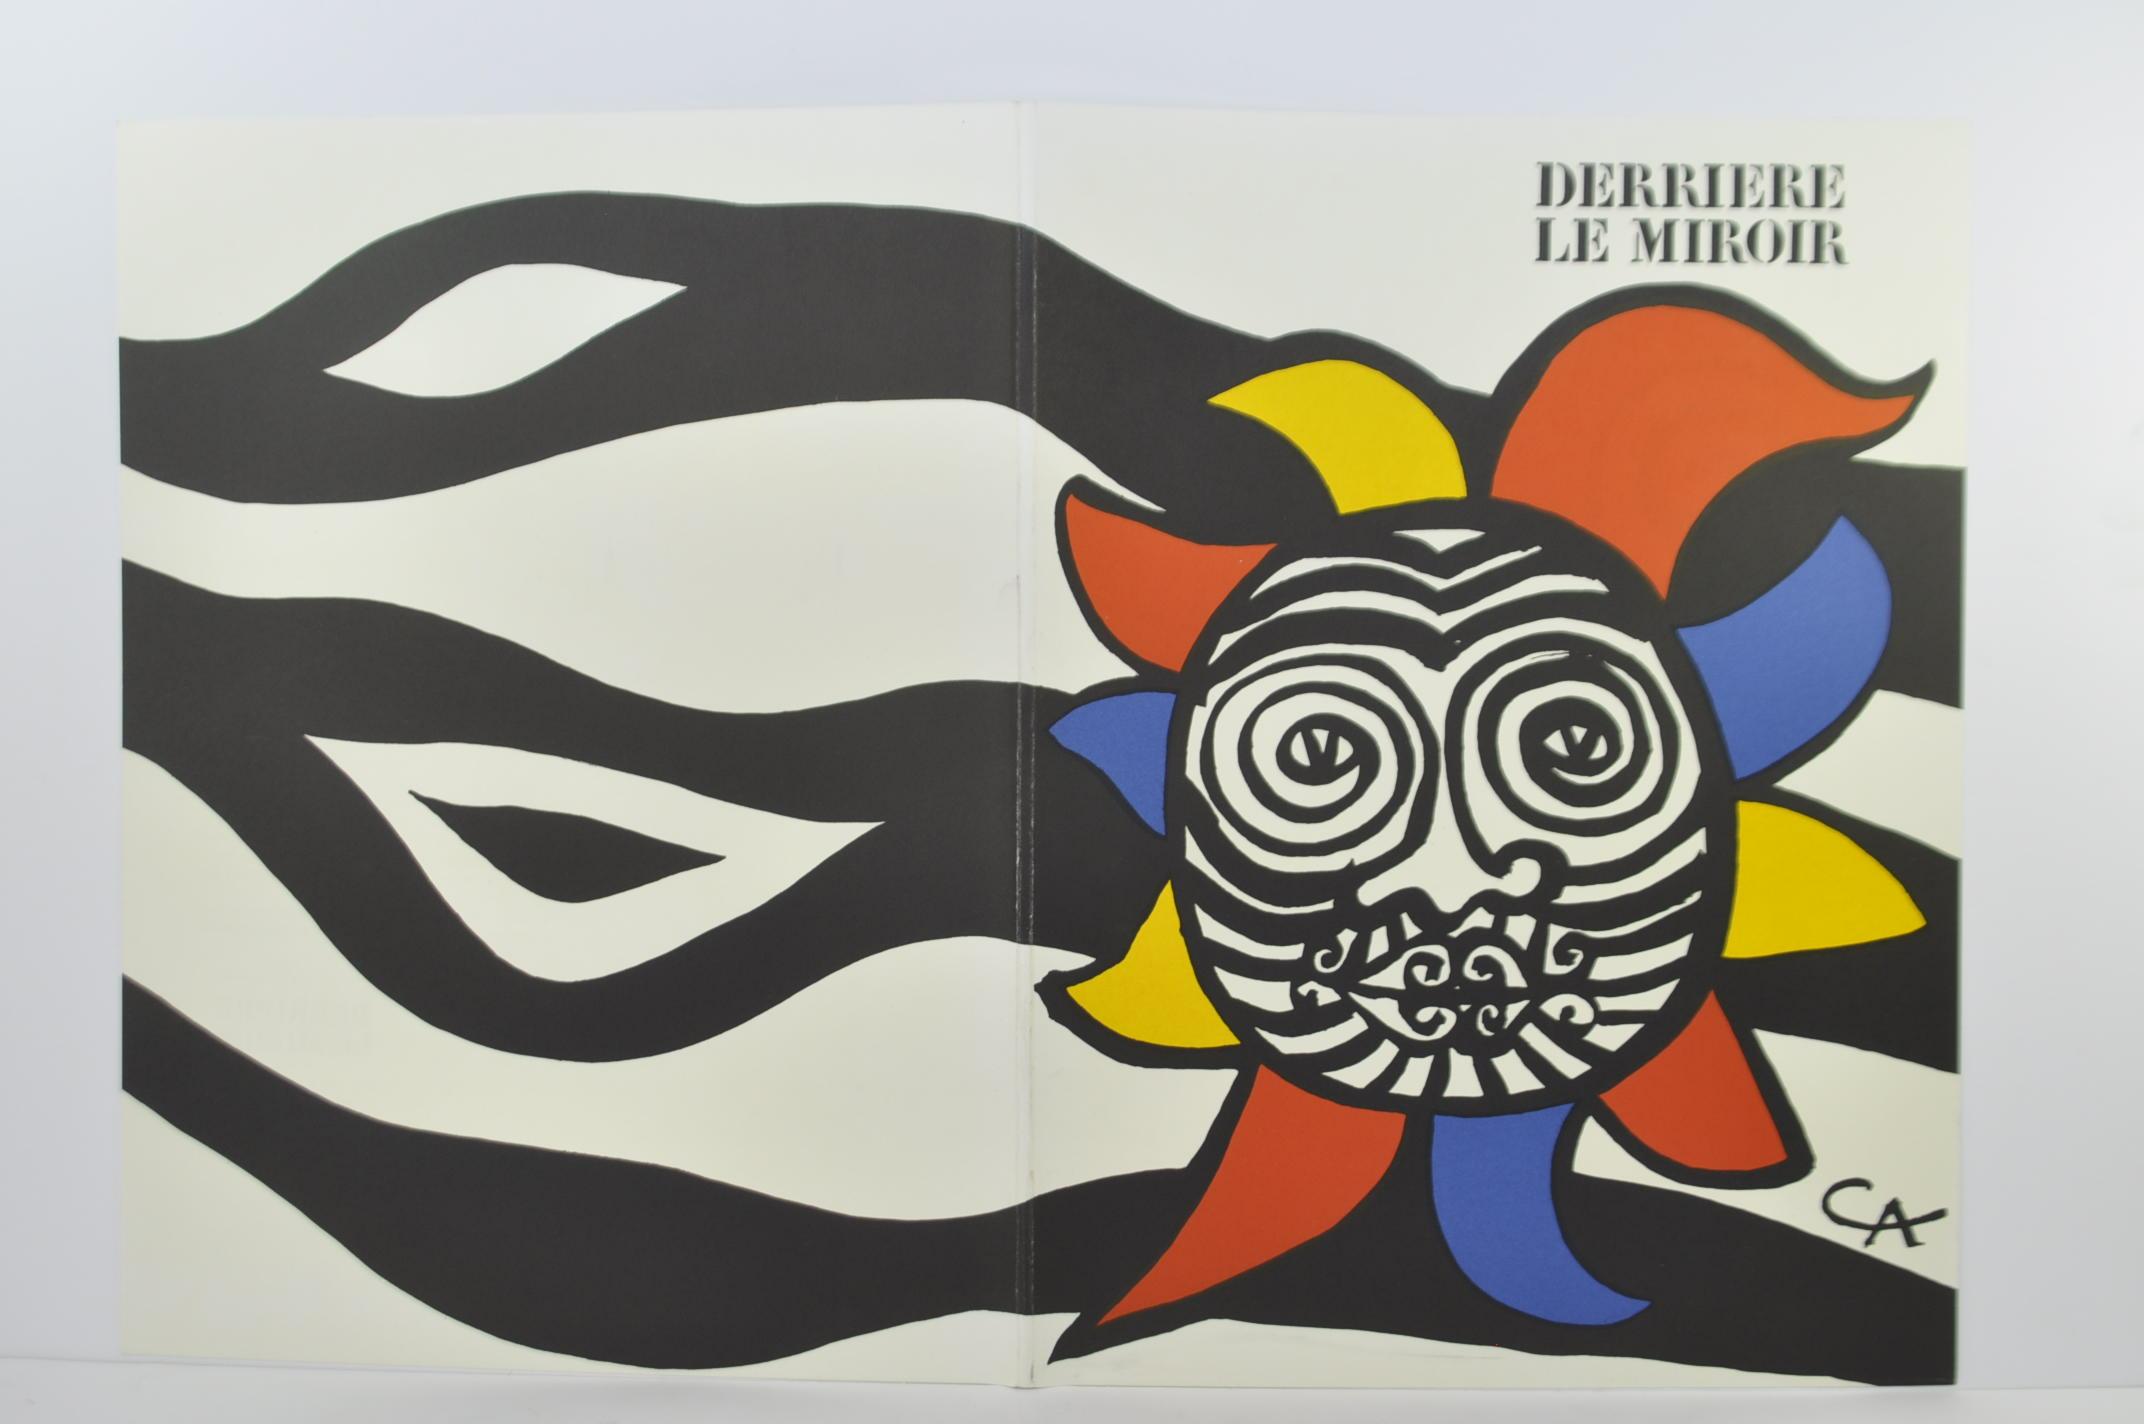 Alexander calder original lithograph derriere le miroir for Derriere le miroir calder